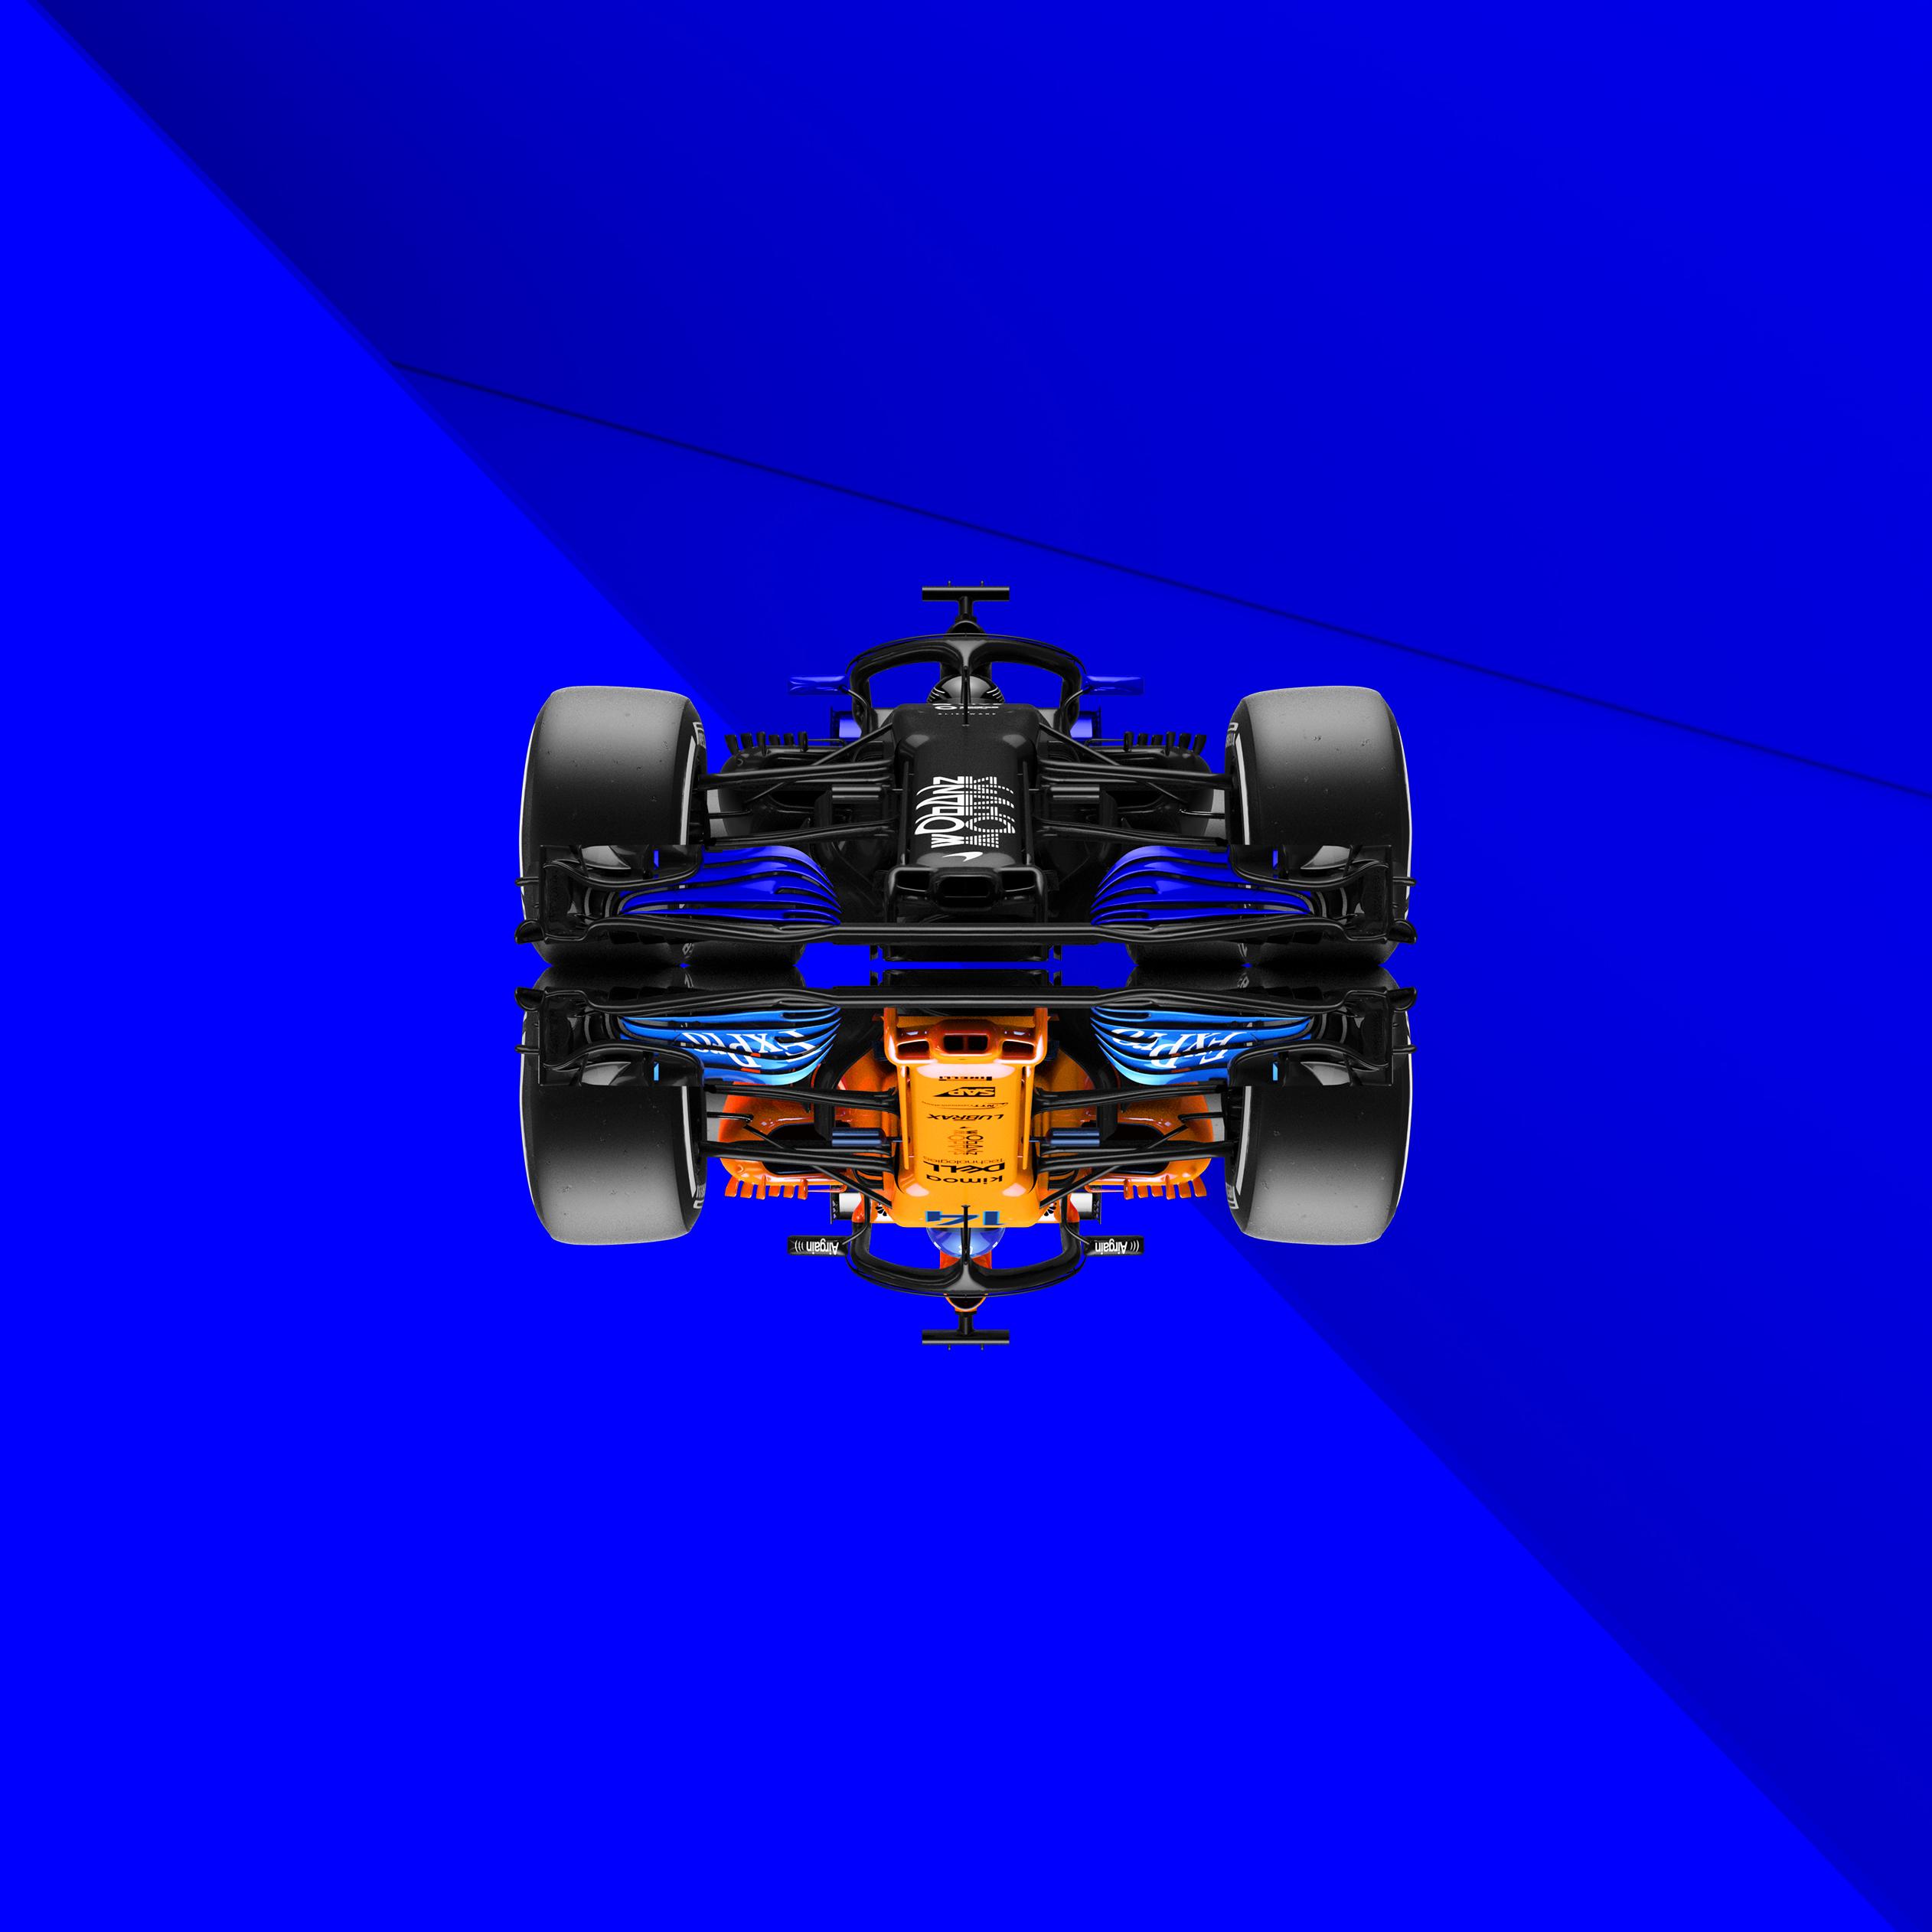 McLaren Racing Official Website 2524x2524